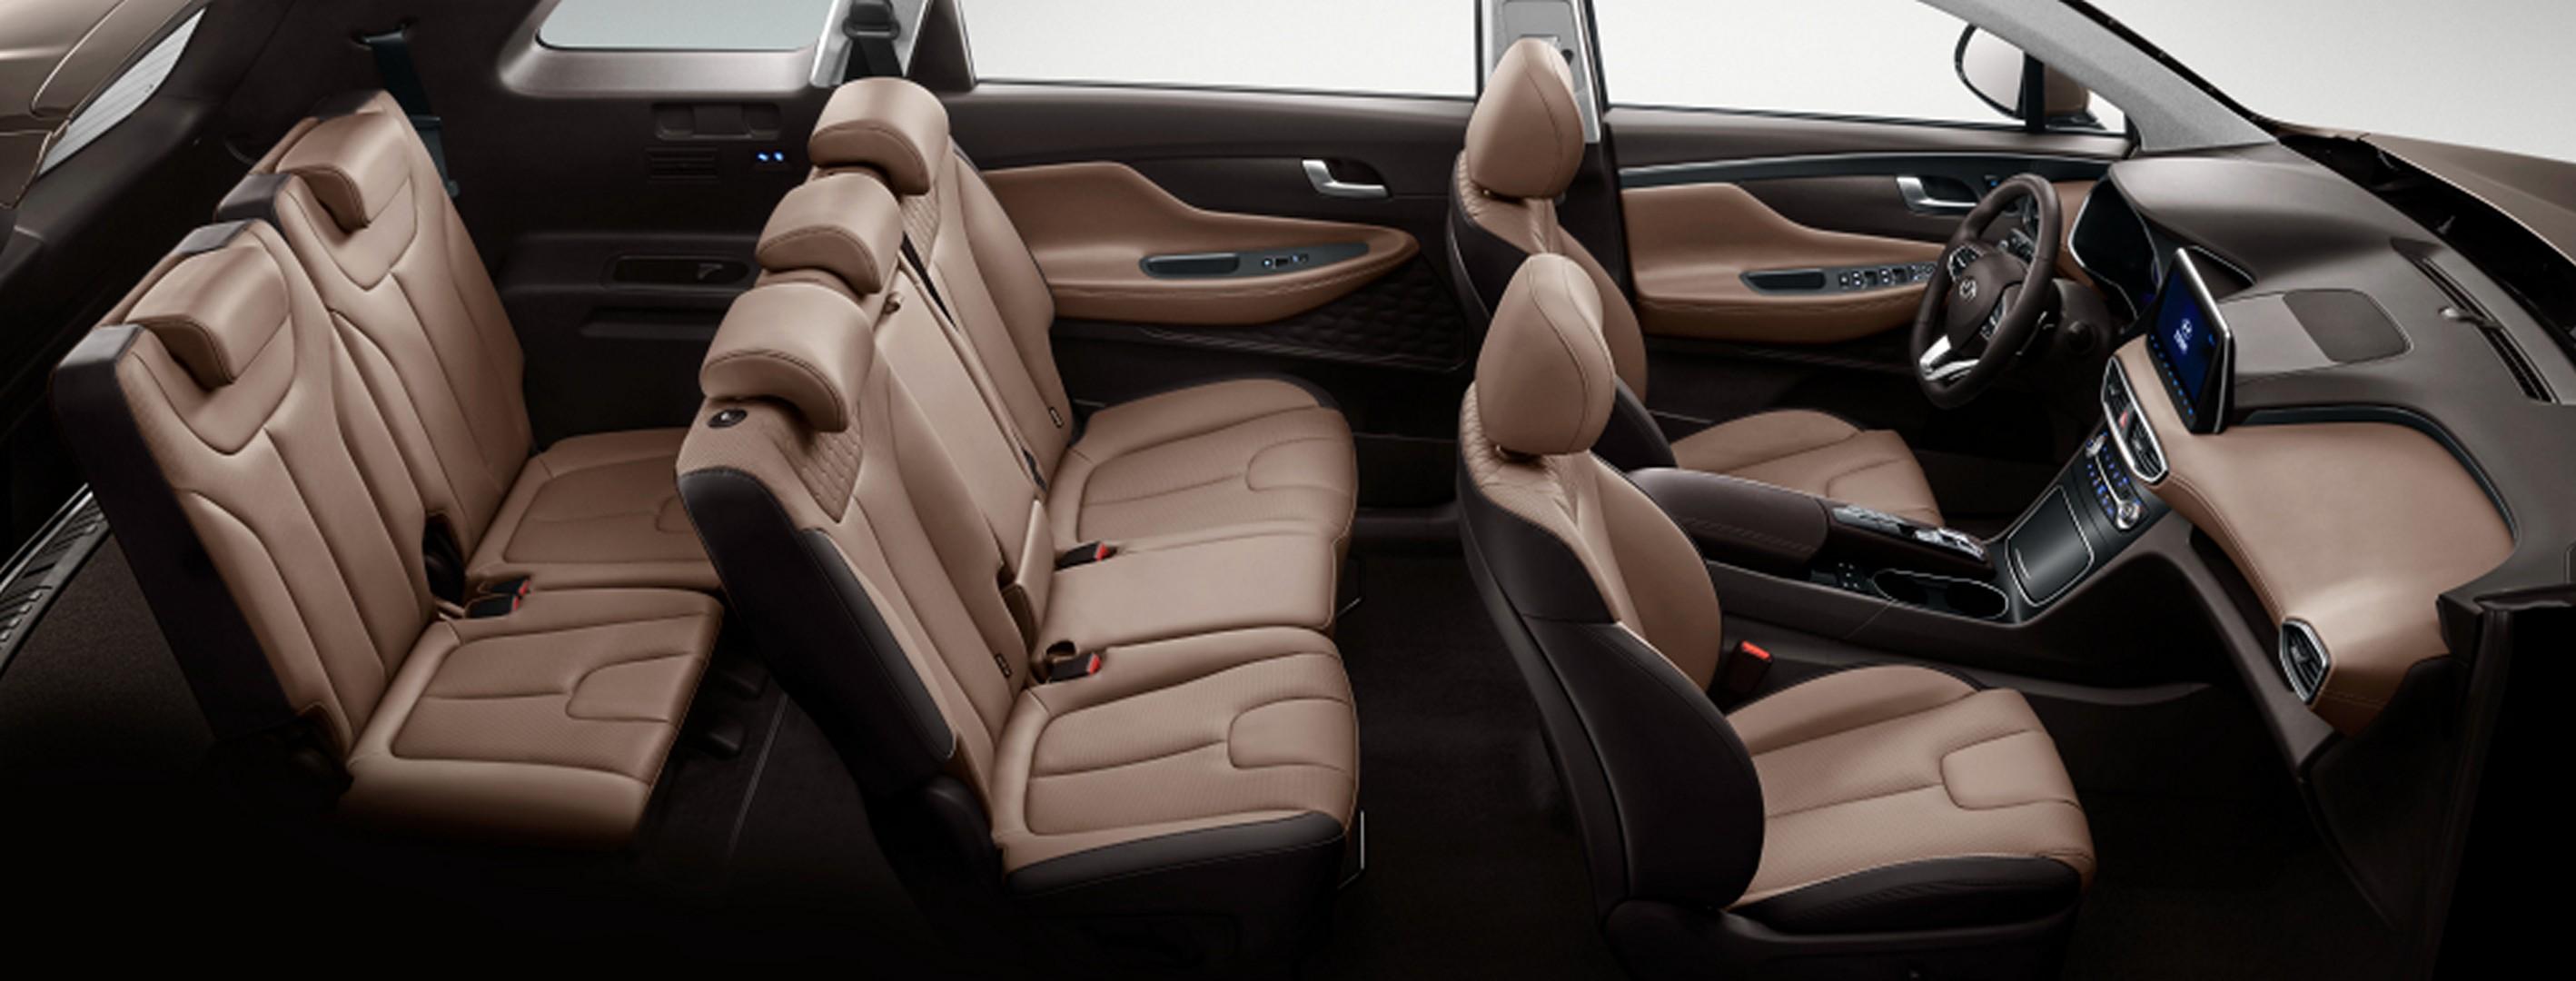 2019 Hyundai Santa Fe for China Debuts With Fingerprint ...